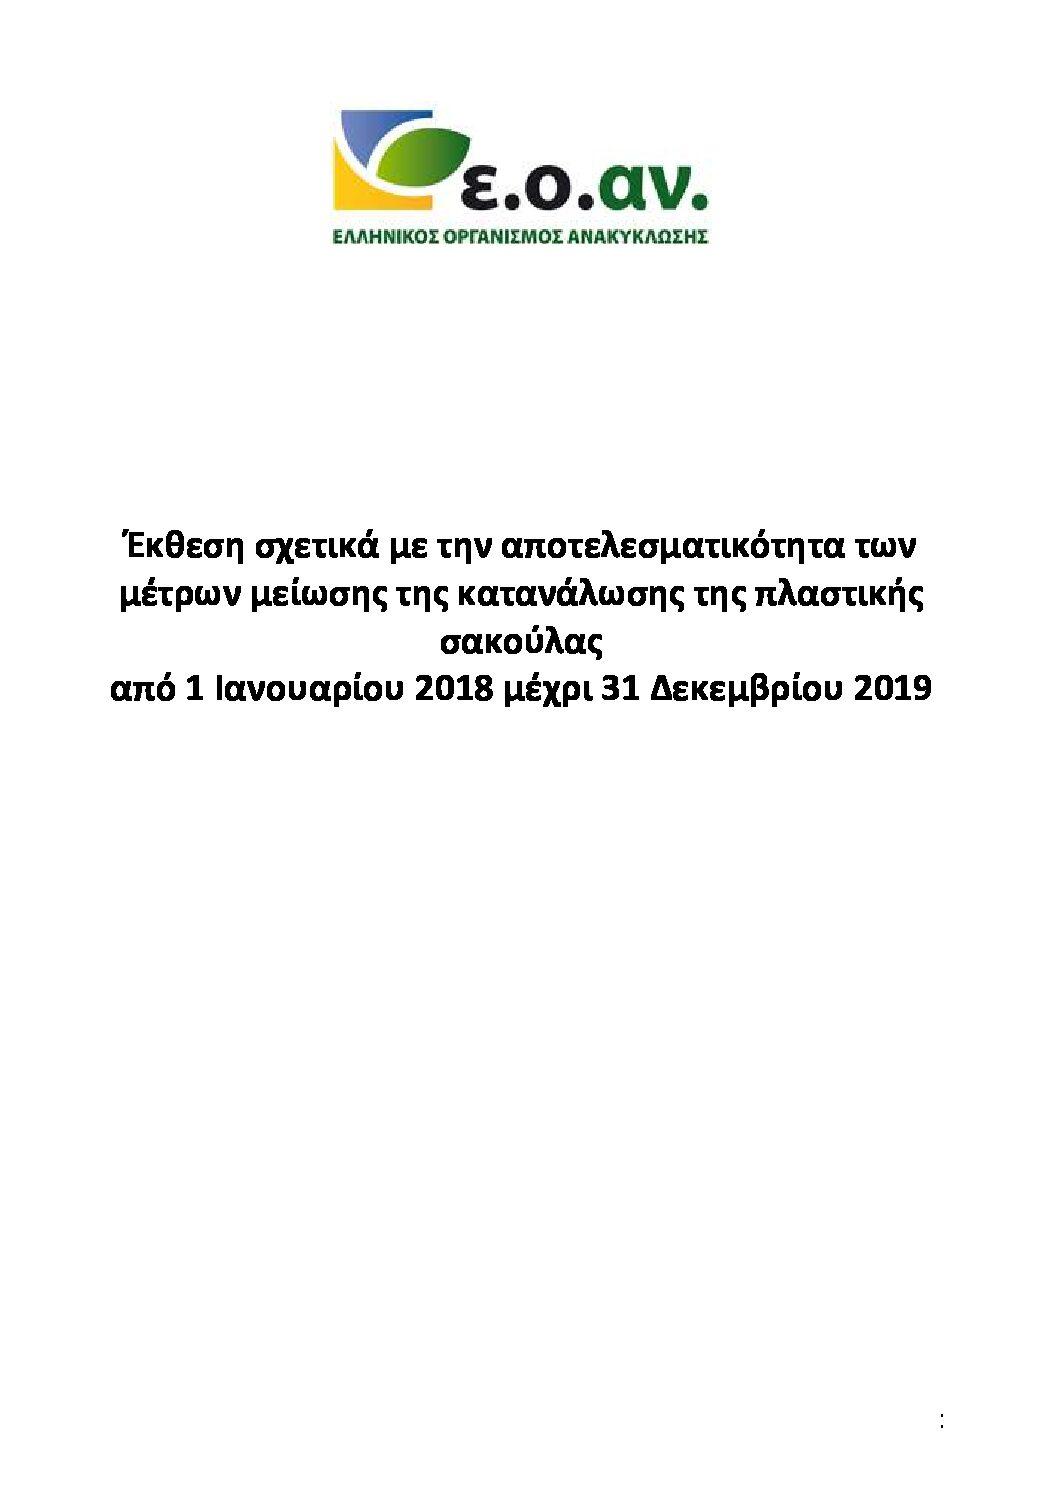 Έκθεση σχετικά με την αποτελεσματικότητα των μέτρων μείωσης της χρήσης της πλαστικής σακούλας 1.1.2018-31.12.2019